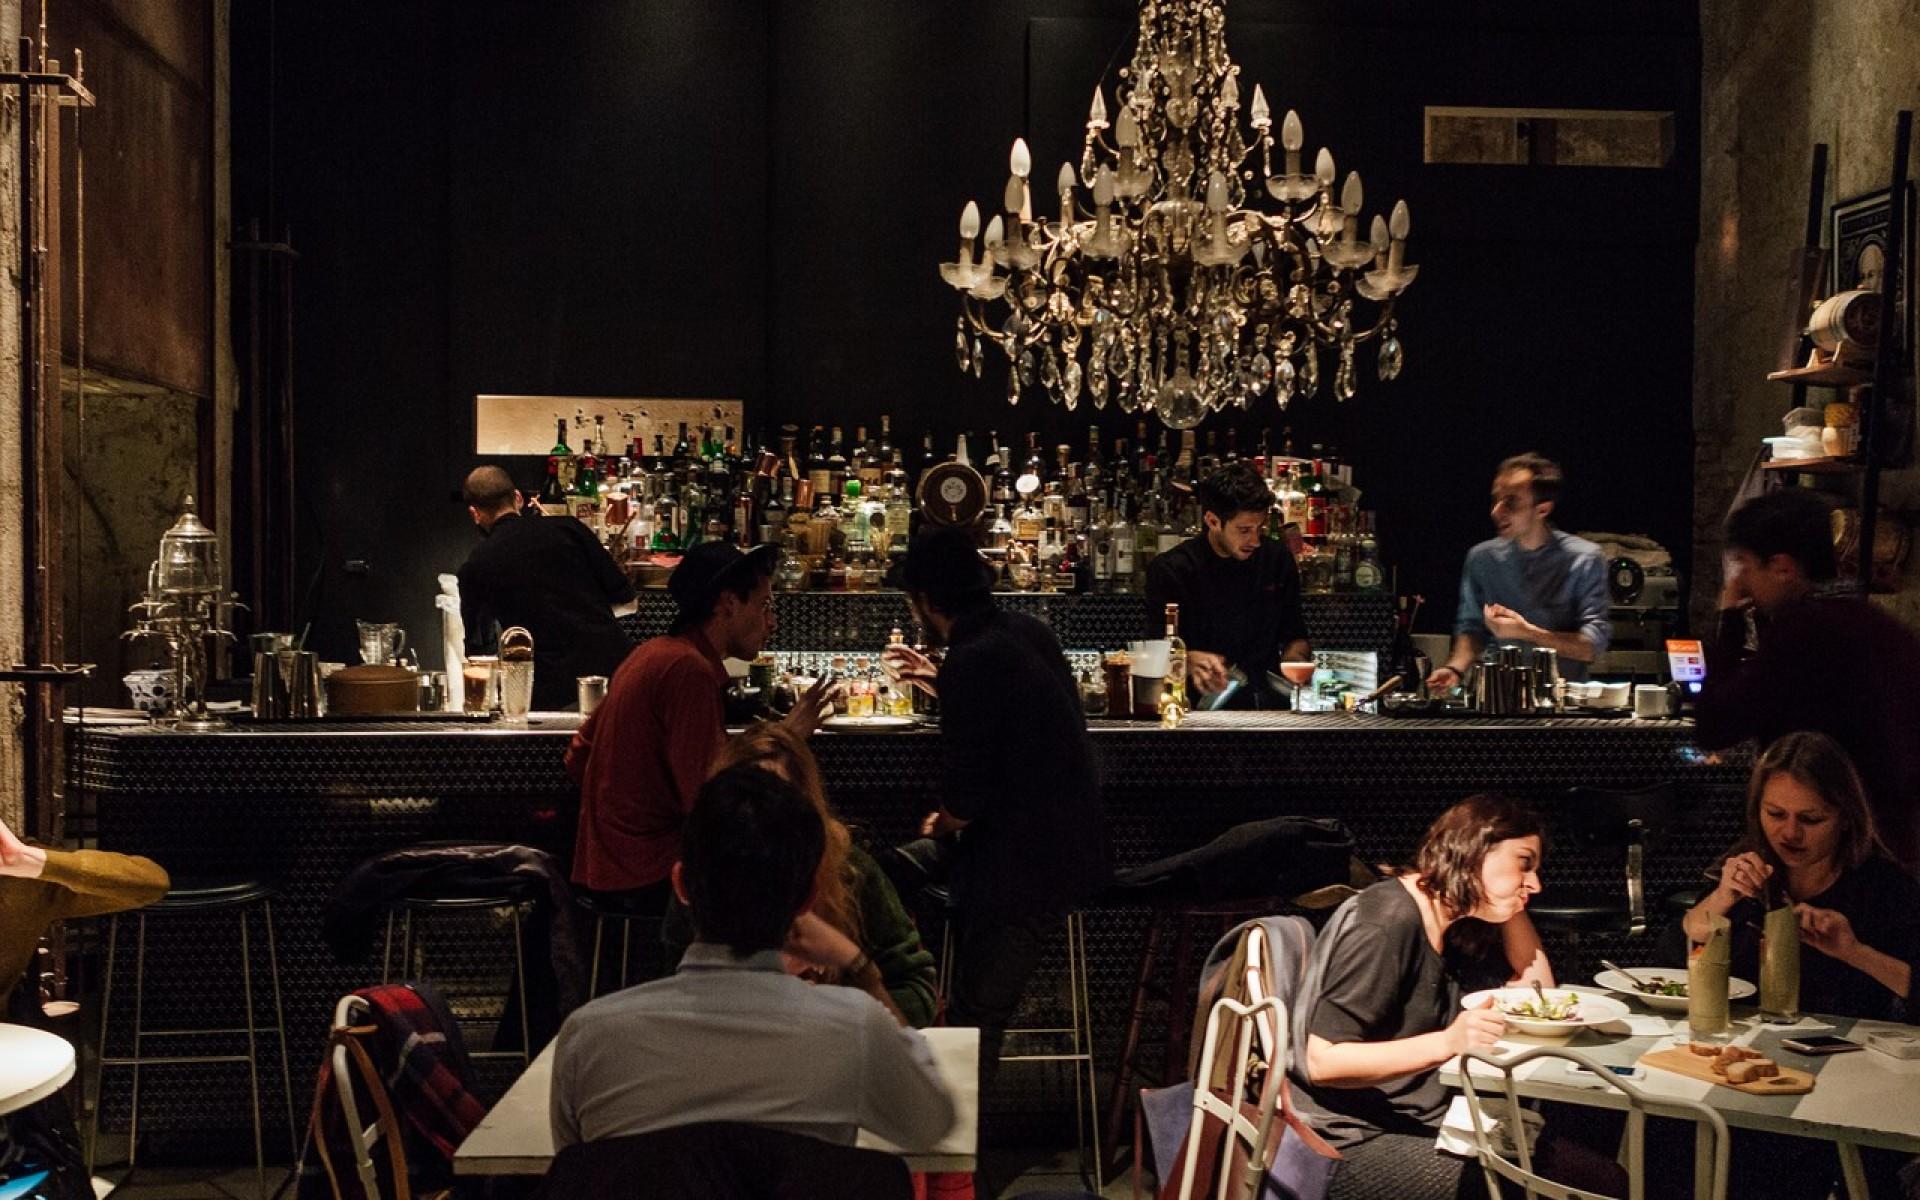 Bar ristorante cracco milano emmelle arredamenti for Arredamento per bar ristorante